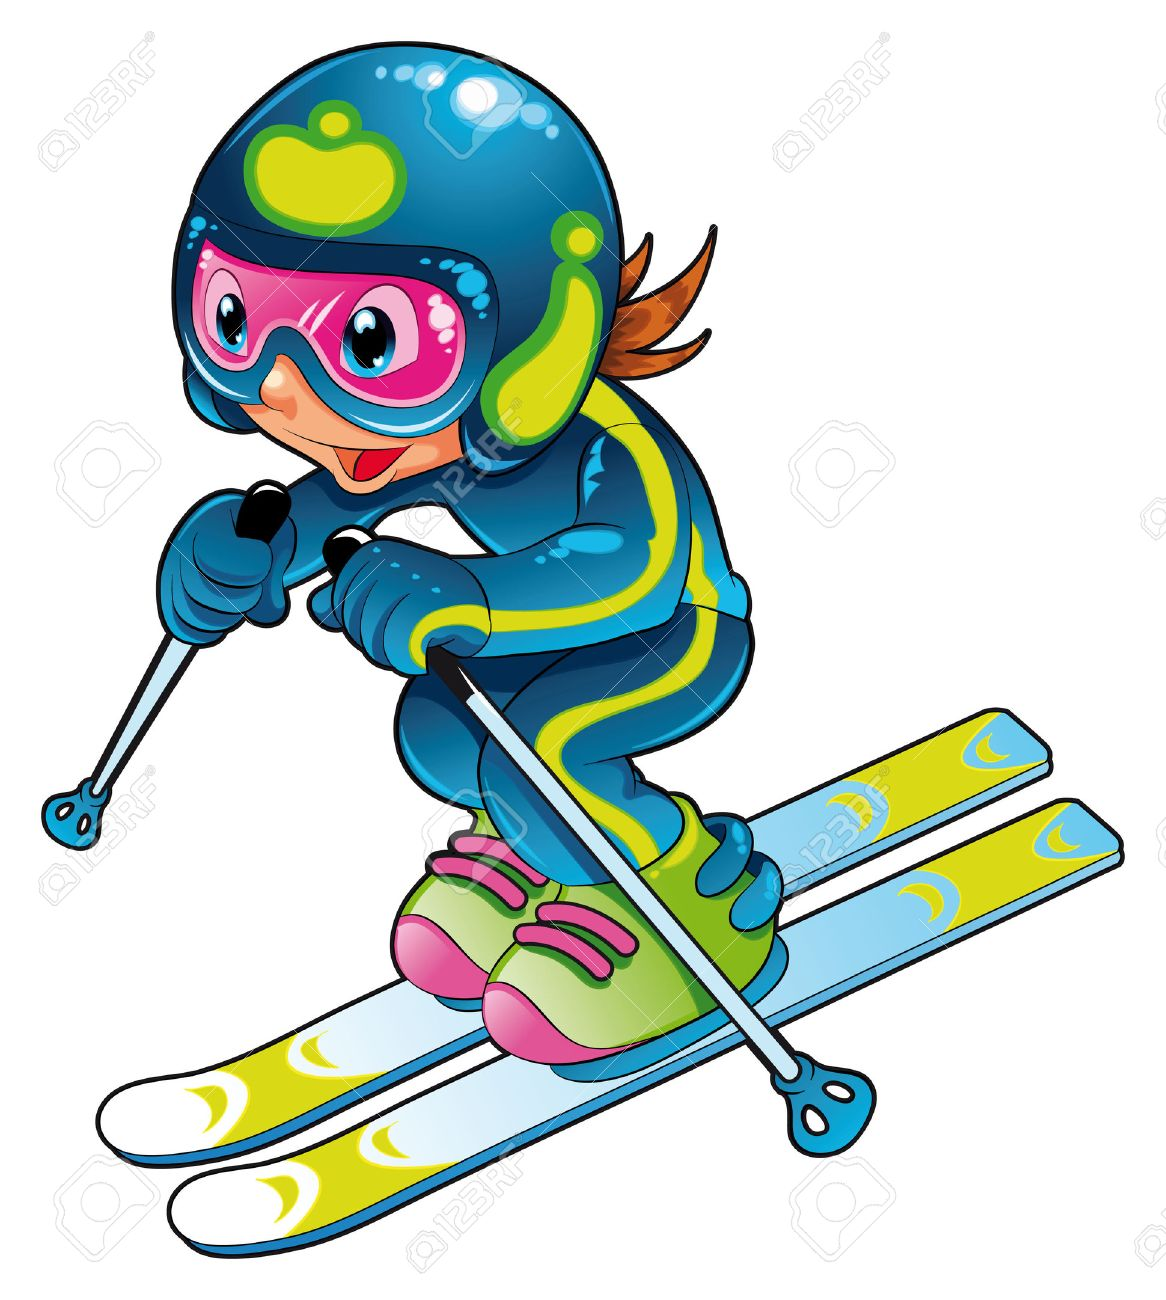 """Résultat de recherche d'images pour """"ski dessin couleur"""""""